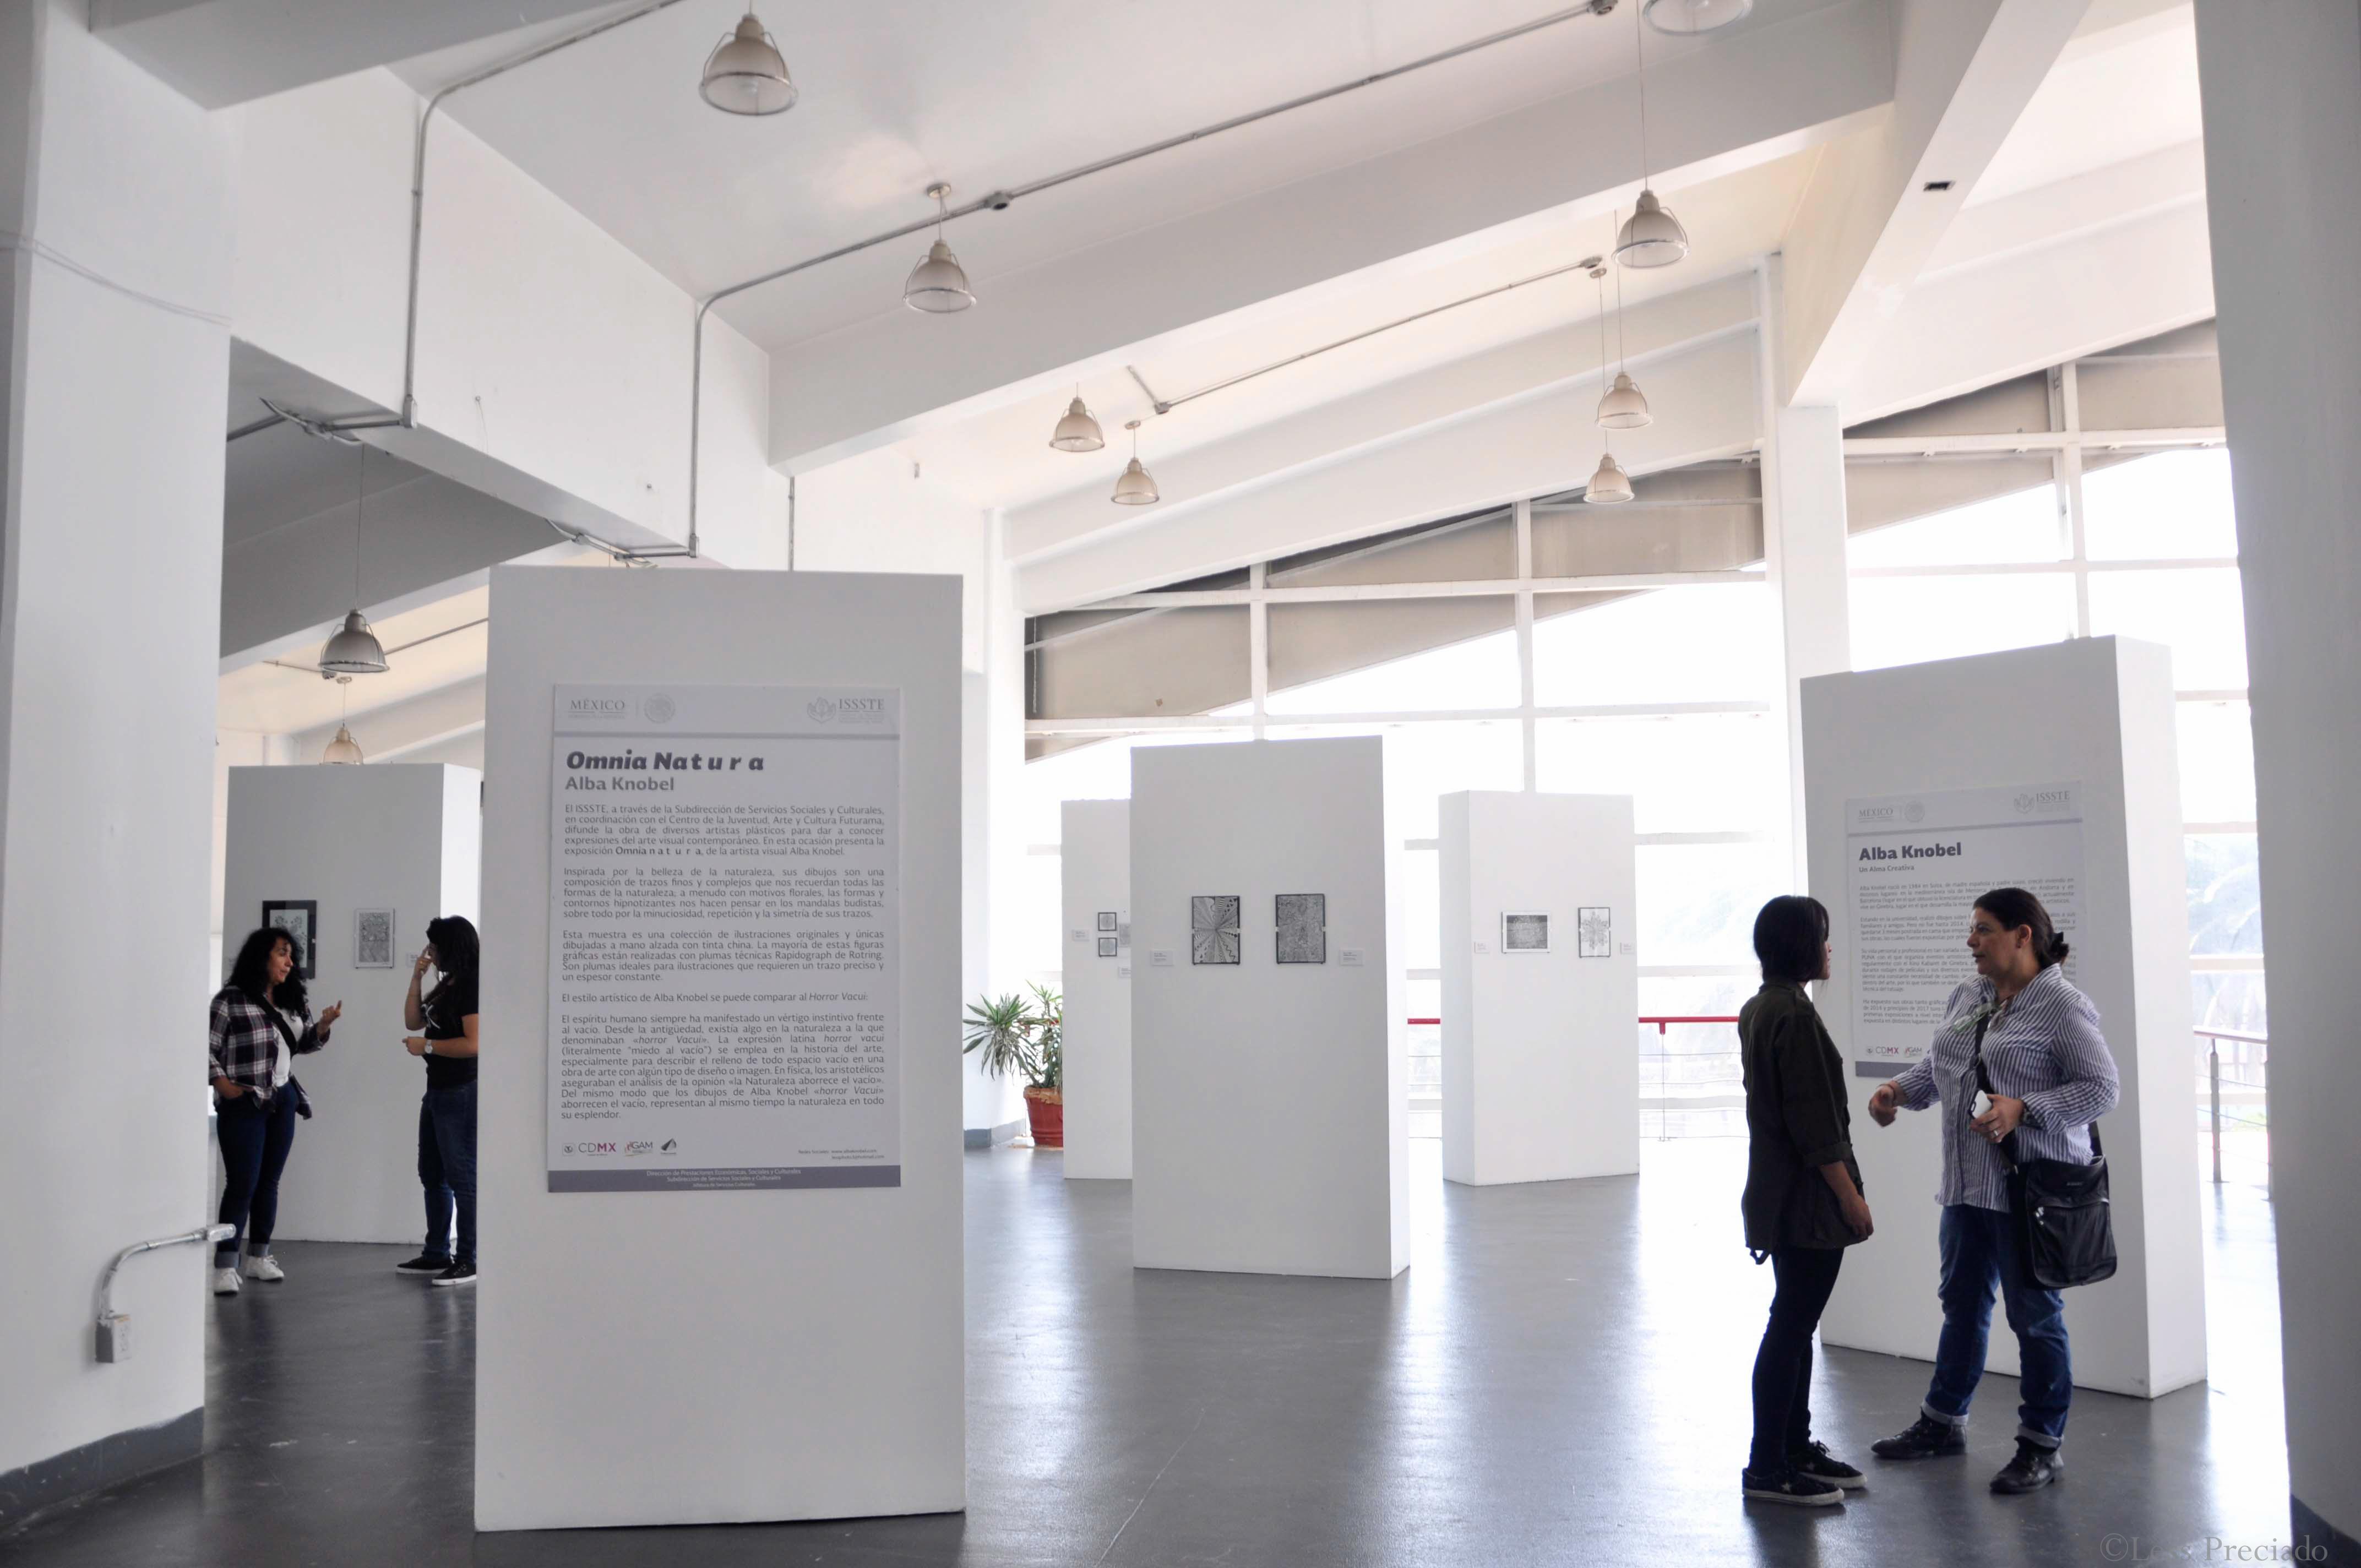 2017 : Omnia Natura – Centro de la Juventud, Arte y Cultura Futurama